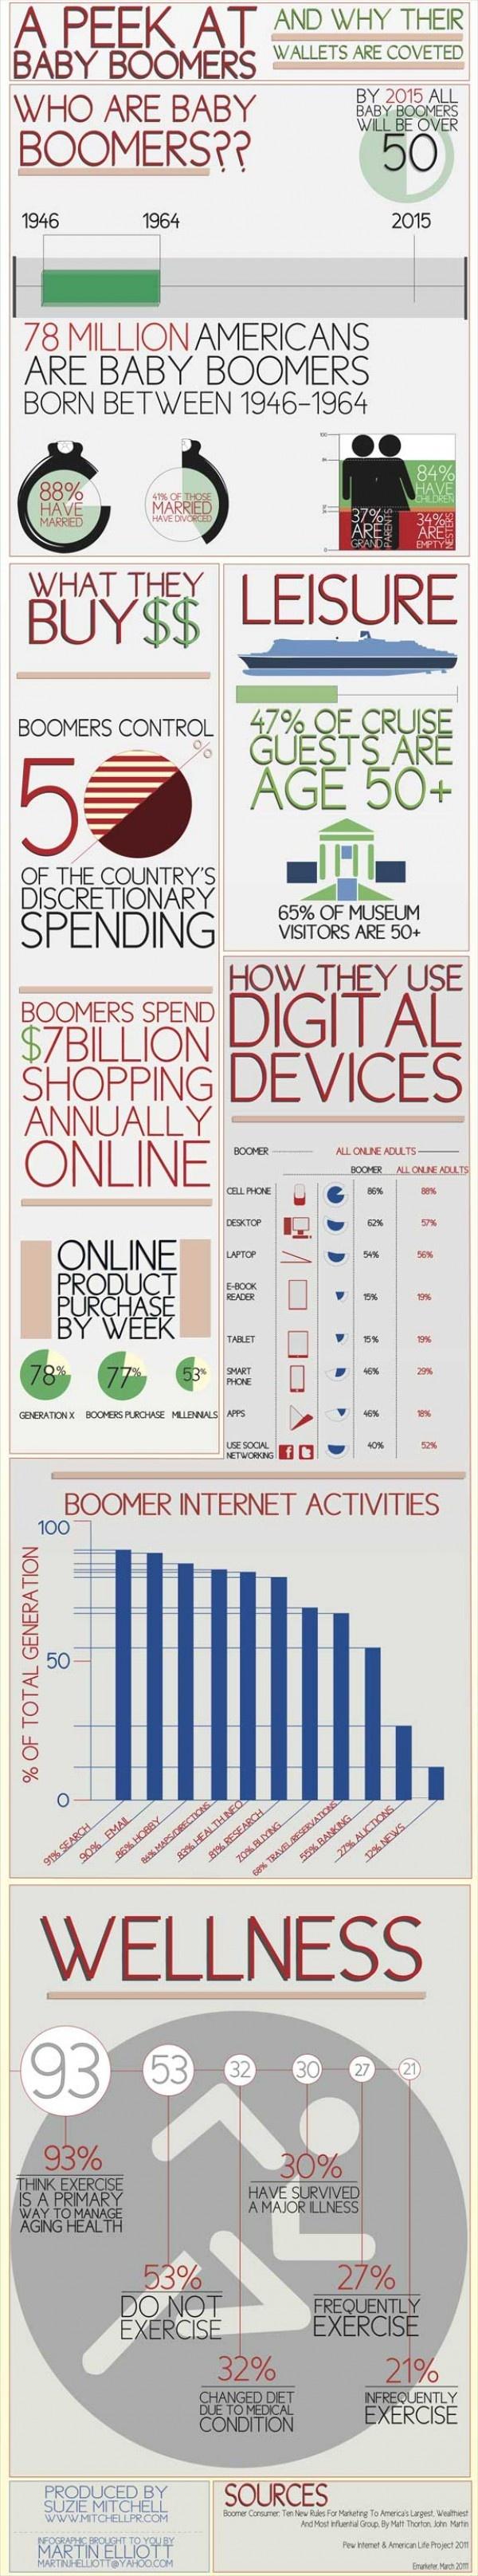 Baby Boomers & Online Spending